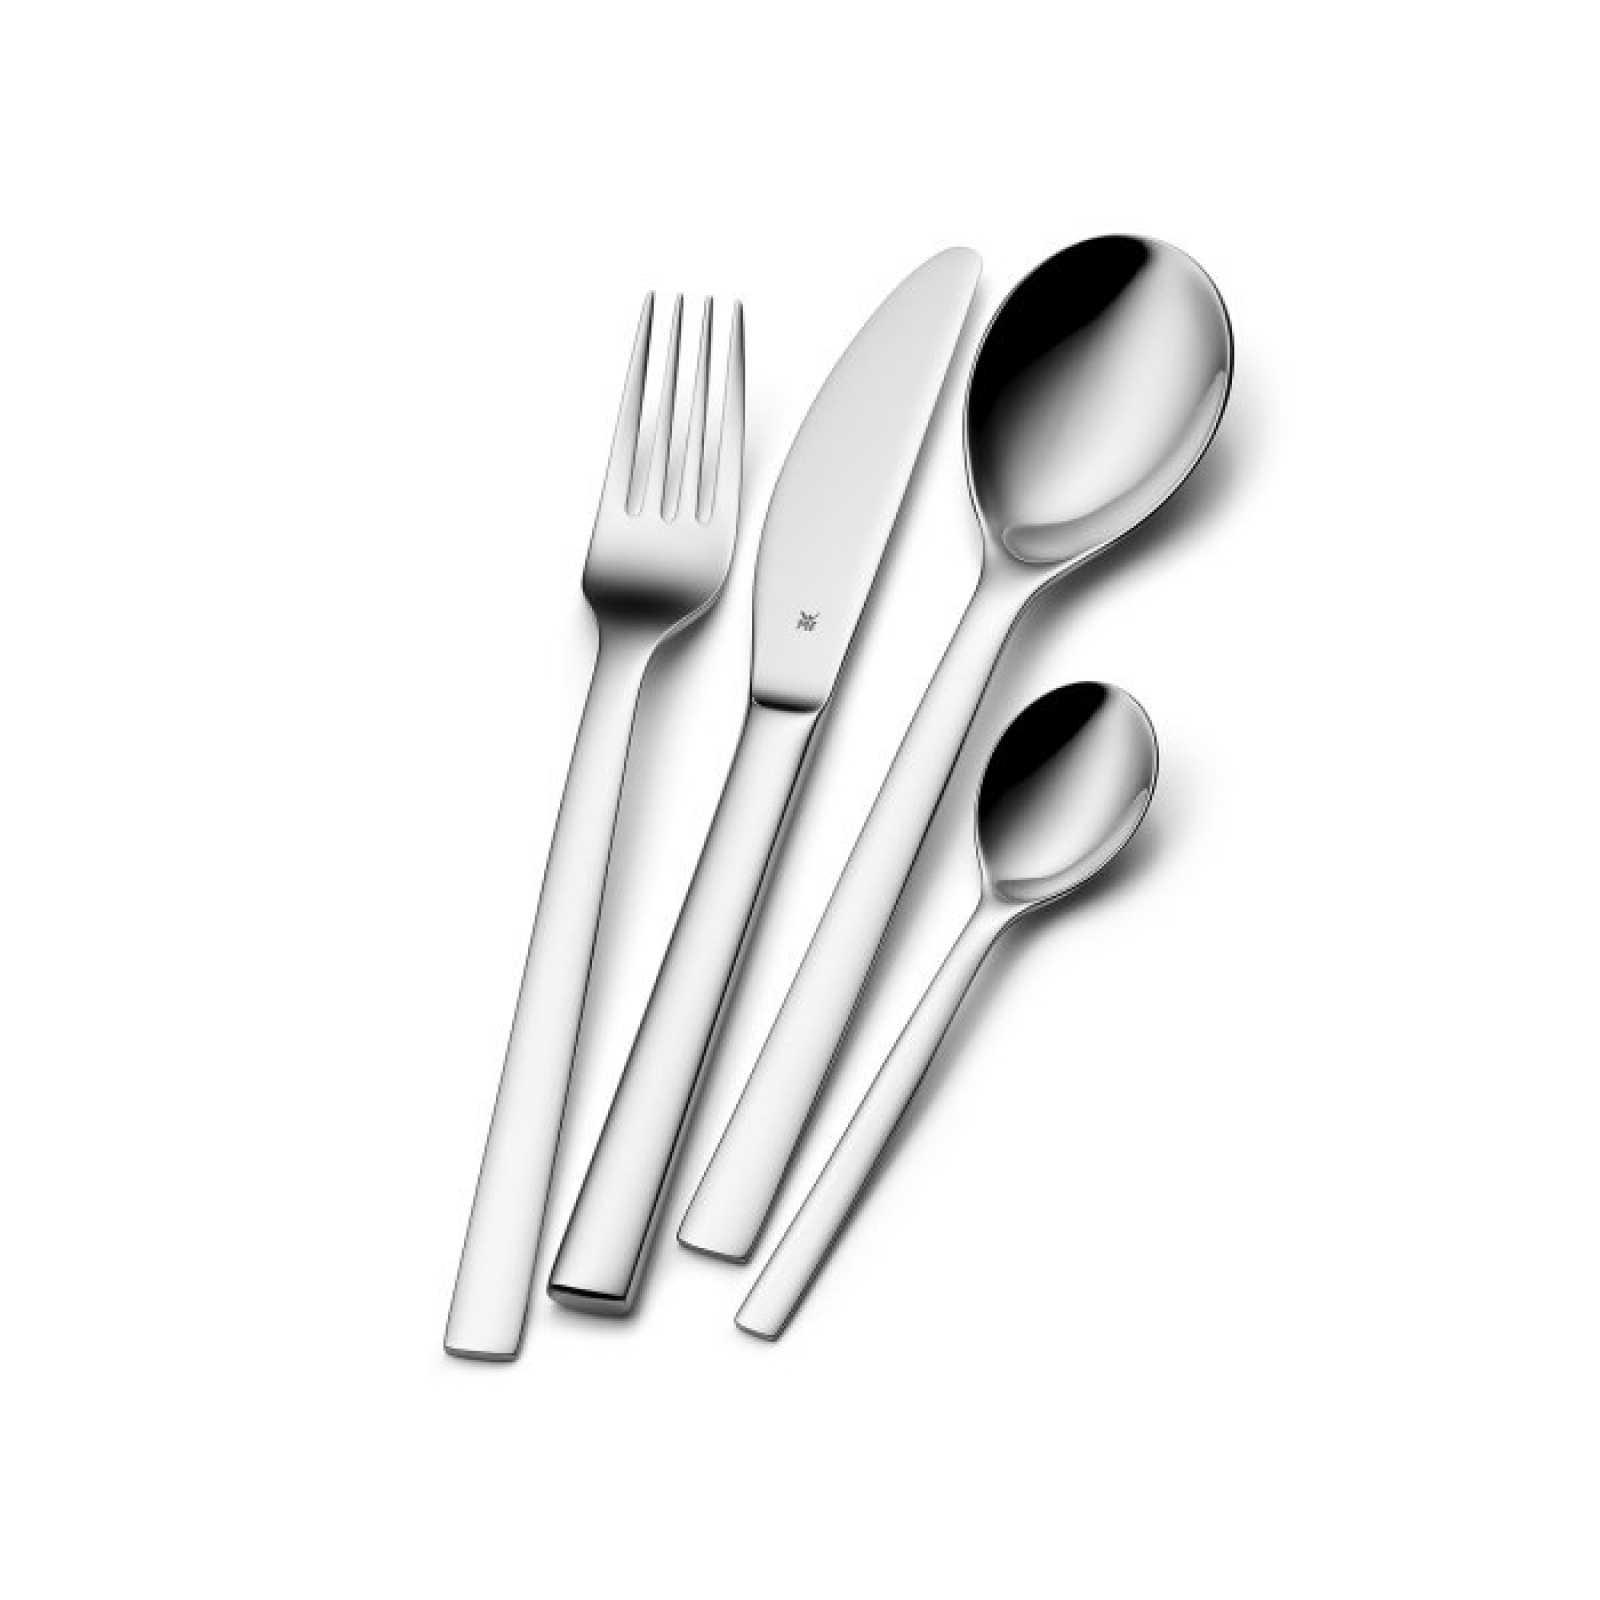 Онлайн каталог PROMENU: Набор приборов столовых WMF ATRIA, серебристый, 24 предмета WMF 12 7600 6043